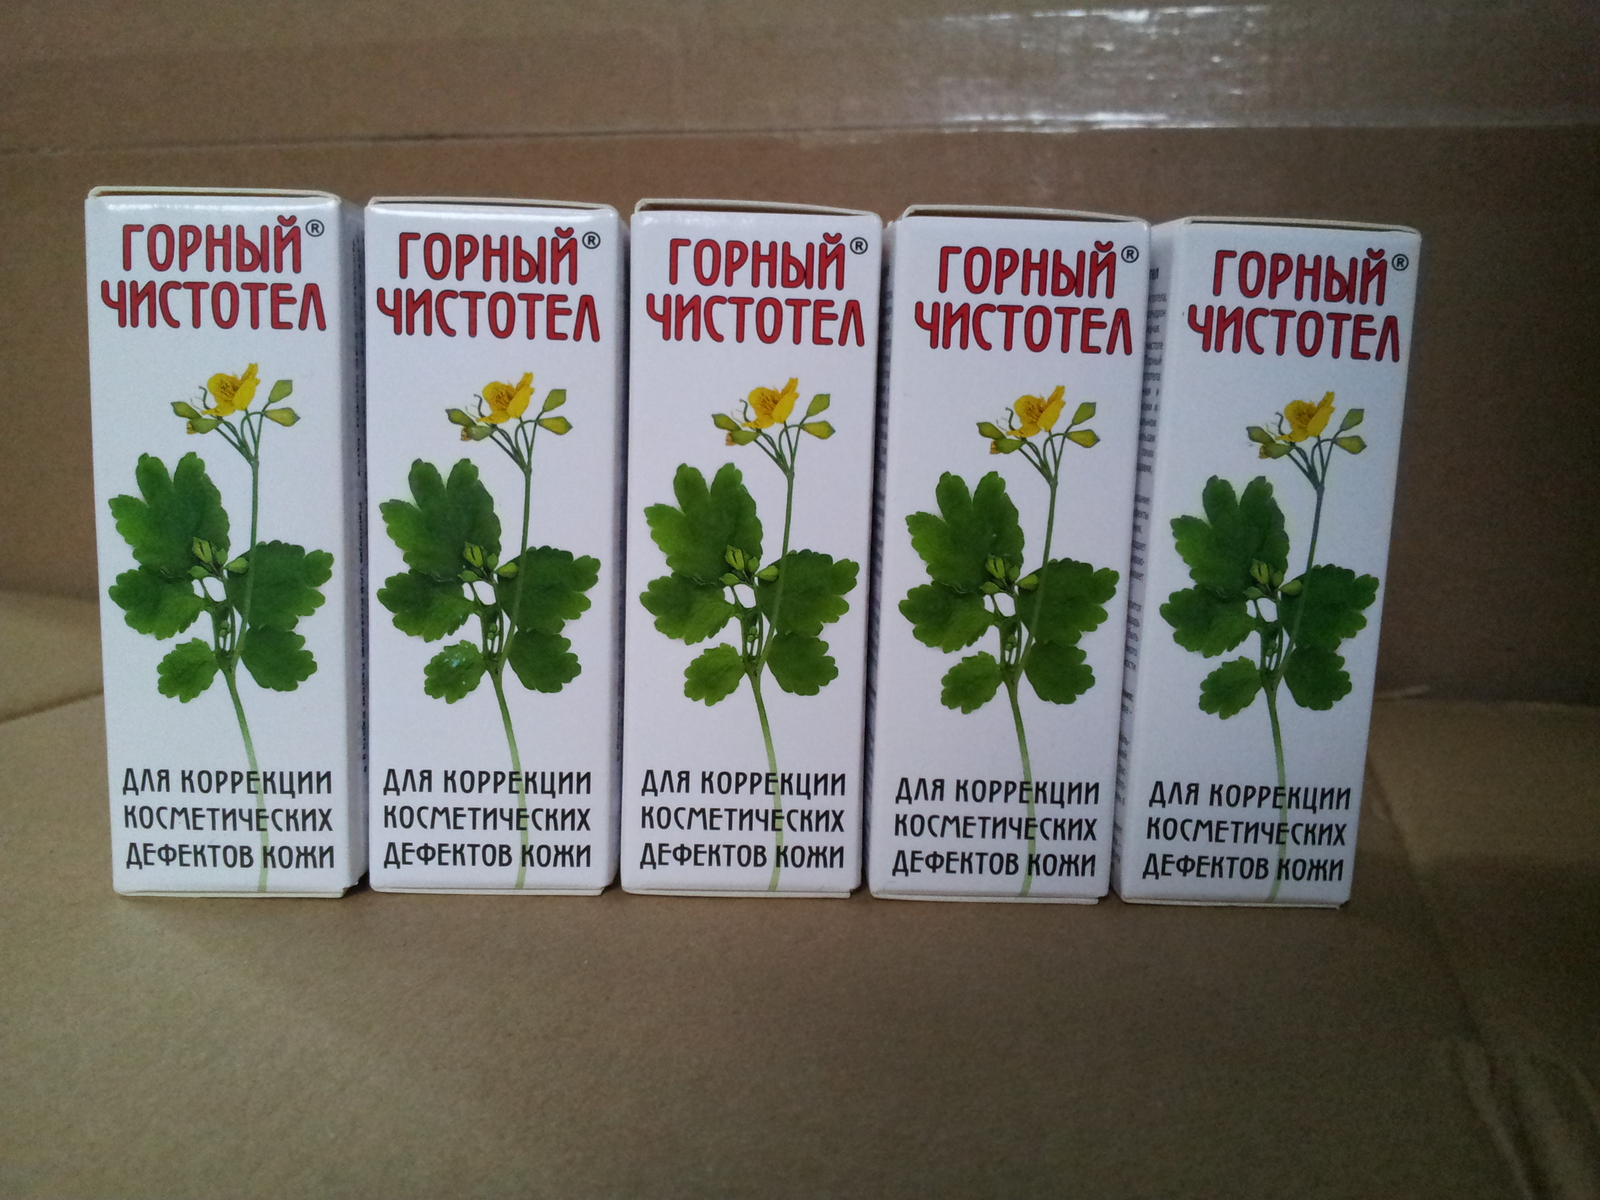 Gornij Cistotel Lip Balm 1 Listing Bioaqua Aloe Vera More Balms